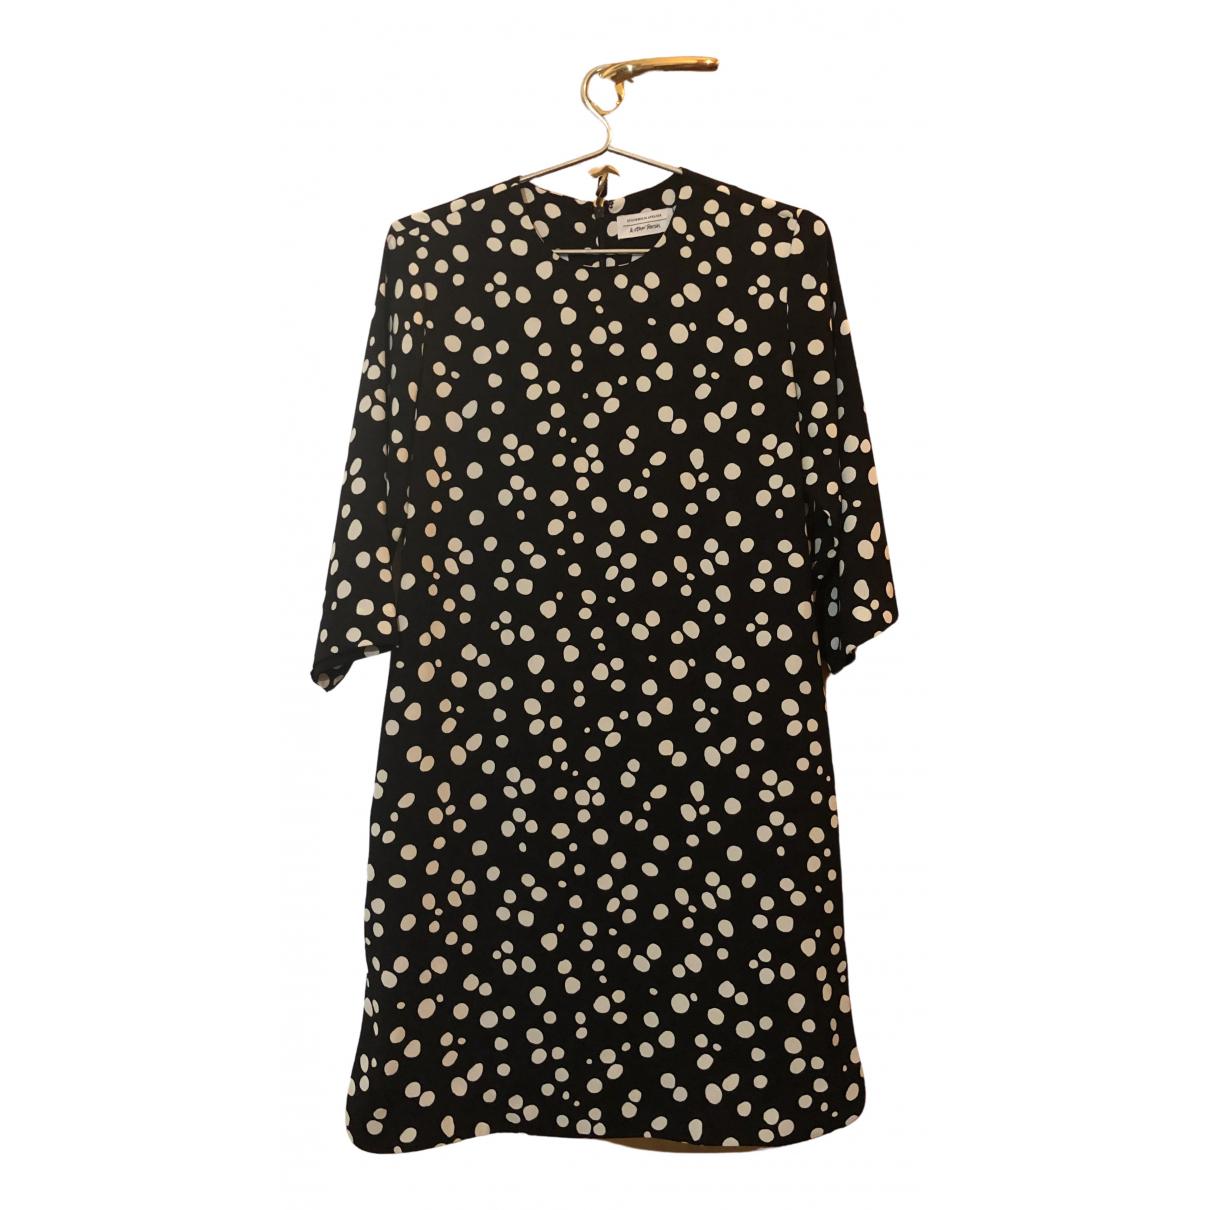 & Other Stories \N Kleid in  Schwarz Polyester